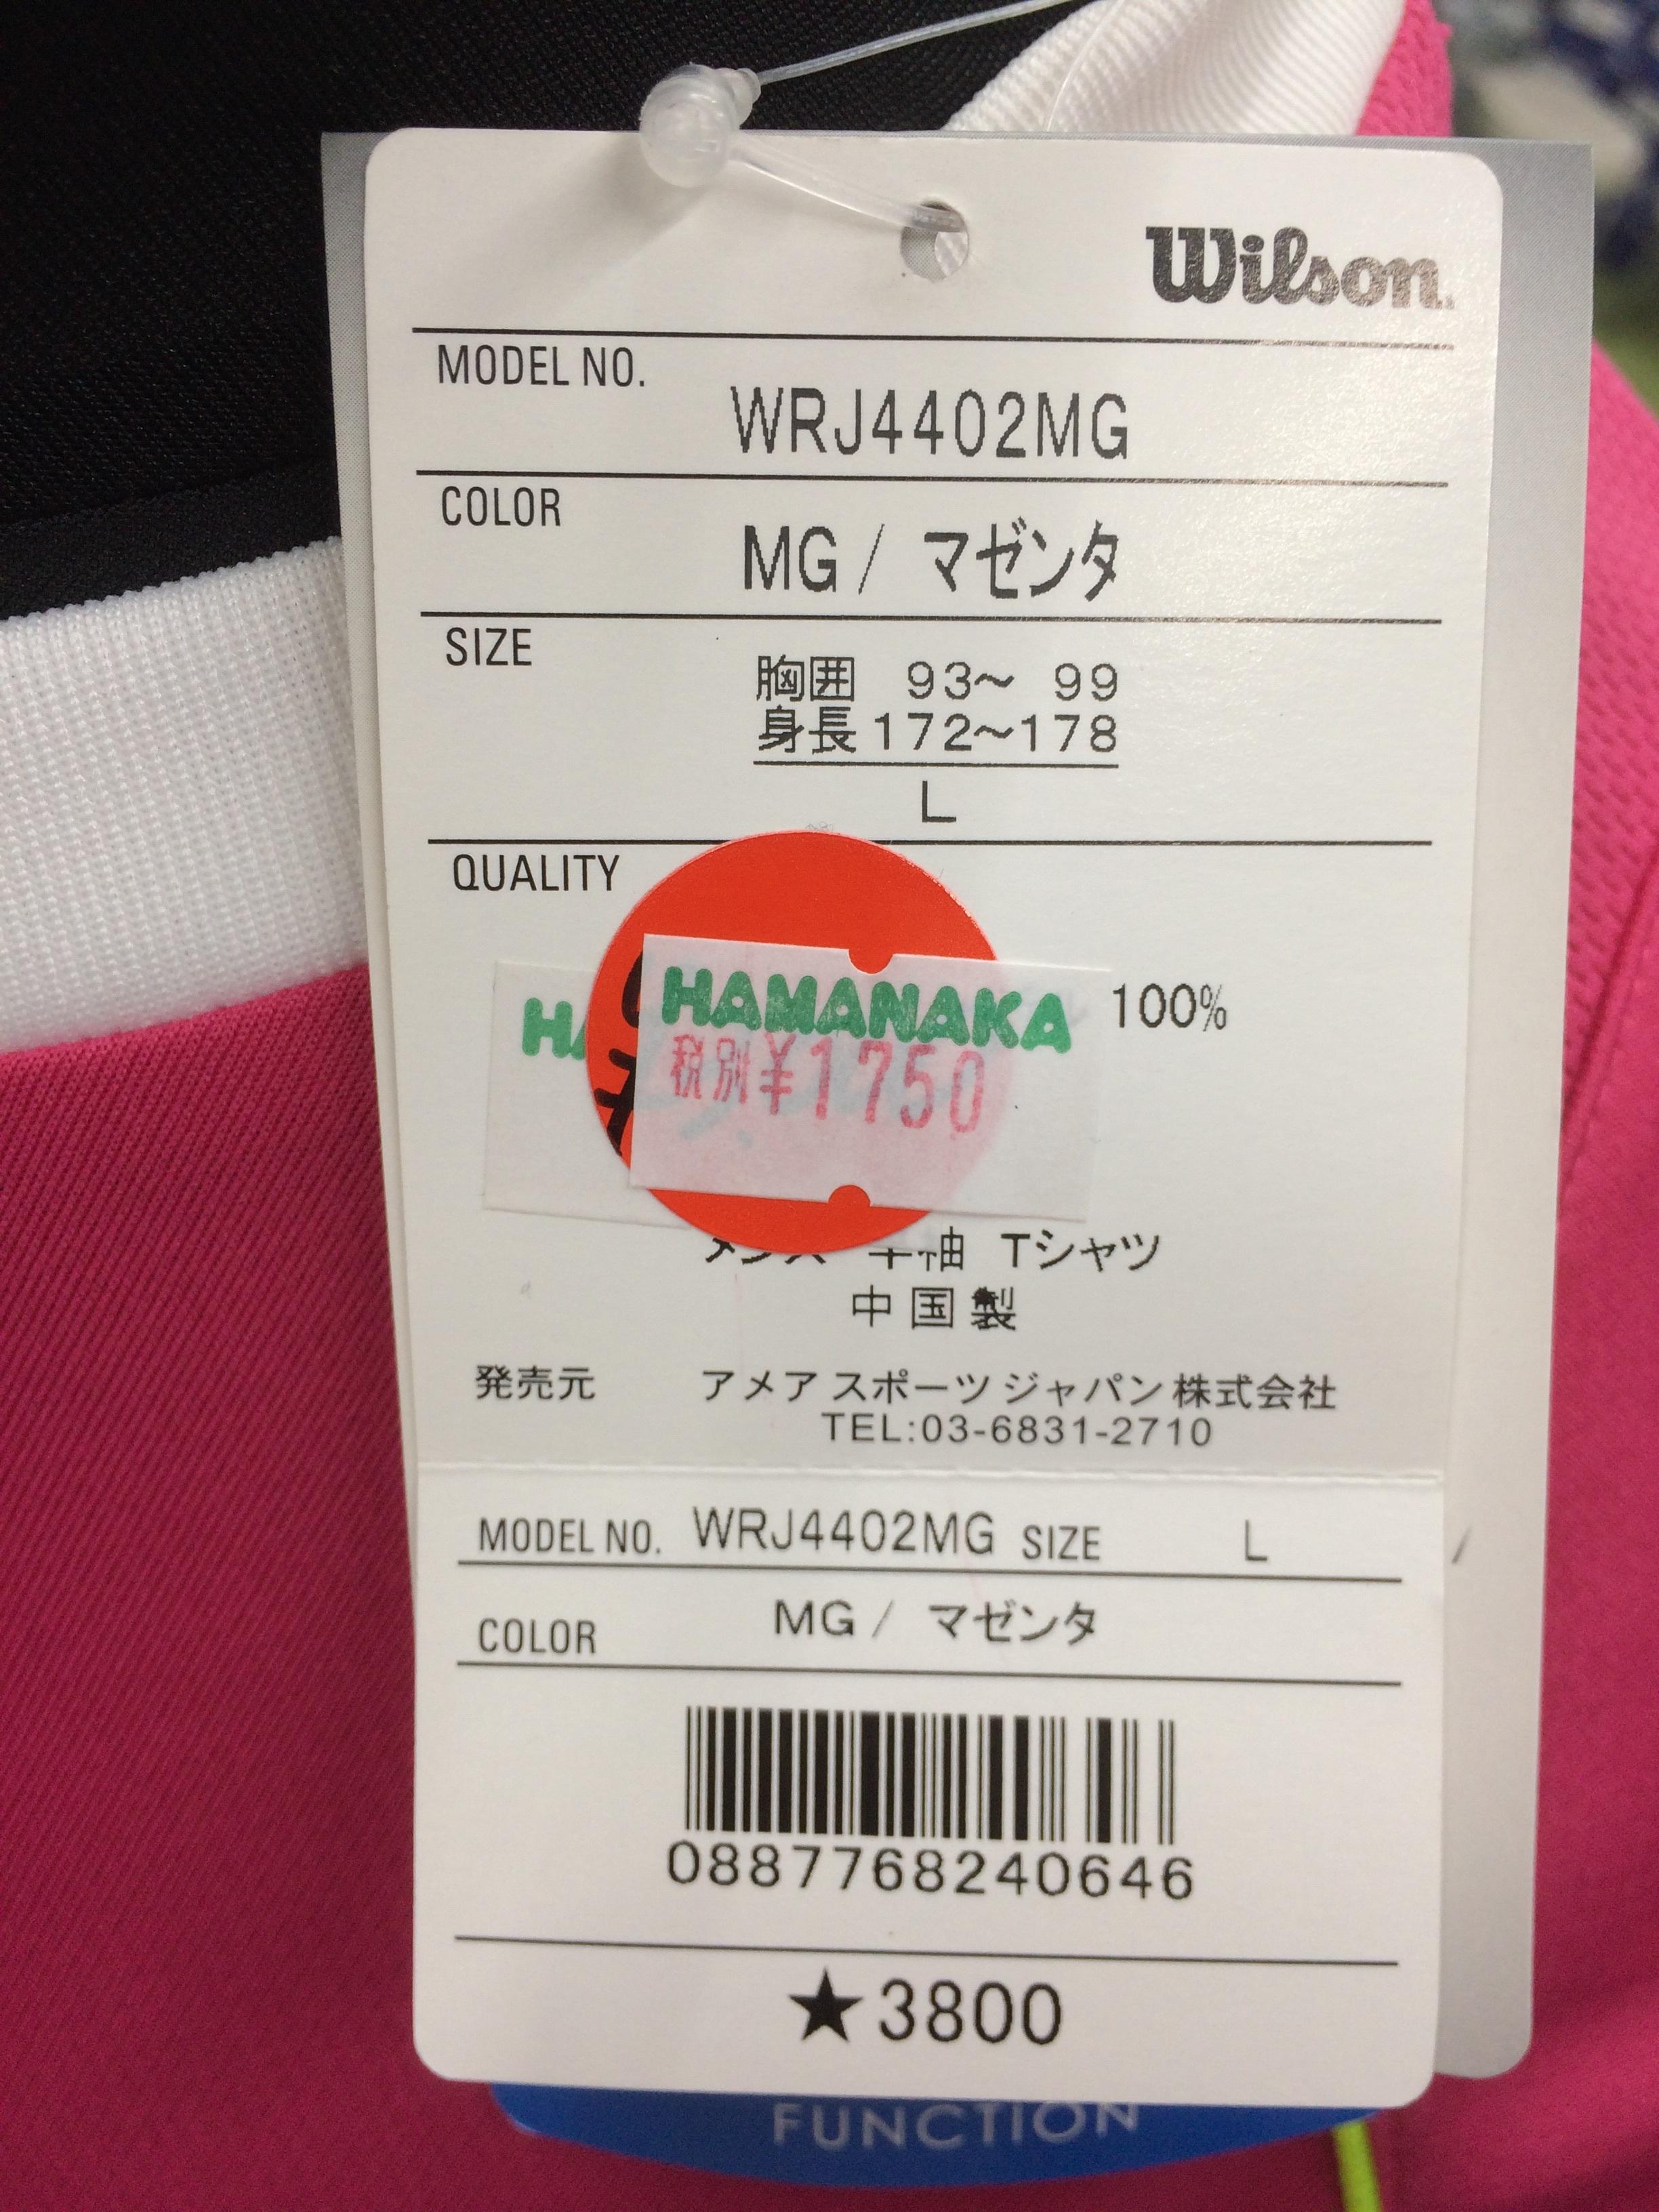 ウィルソン Tシャツ WRJ4402MG - 画像3